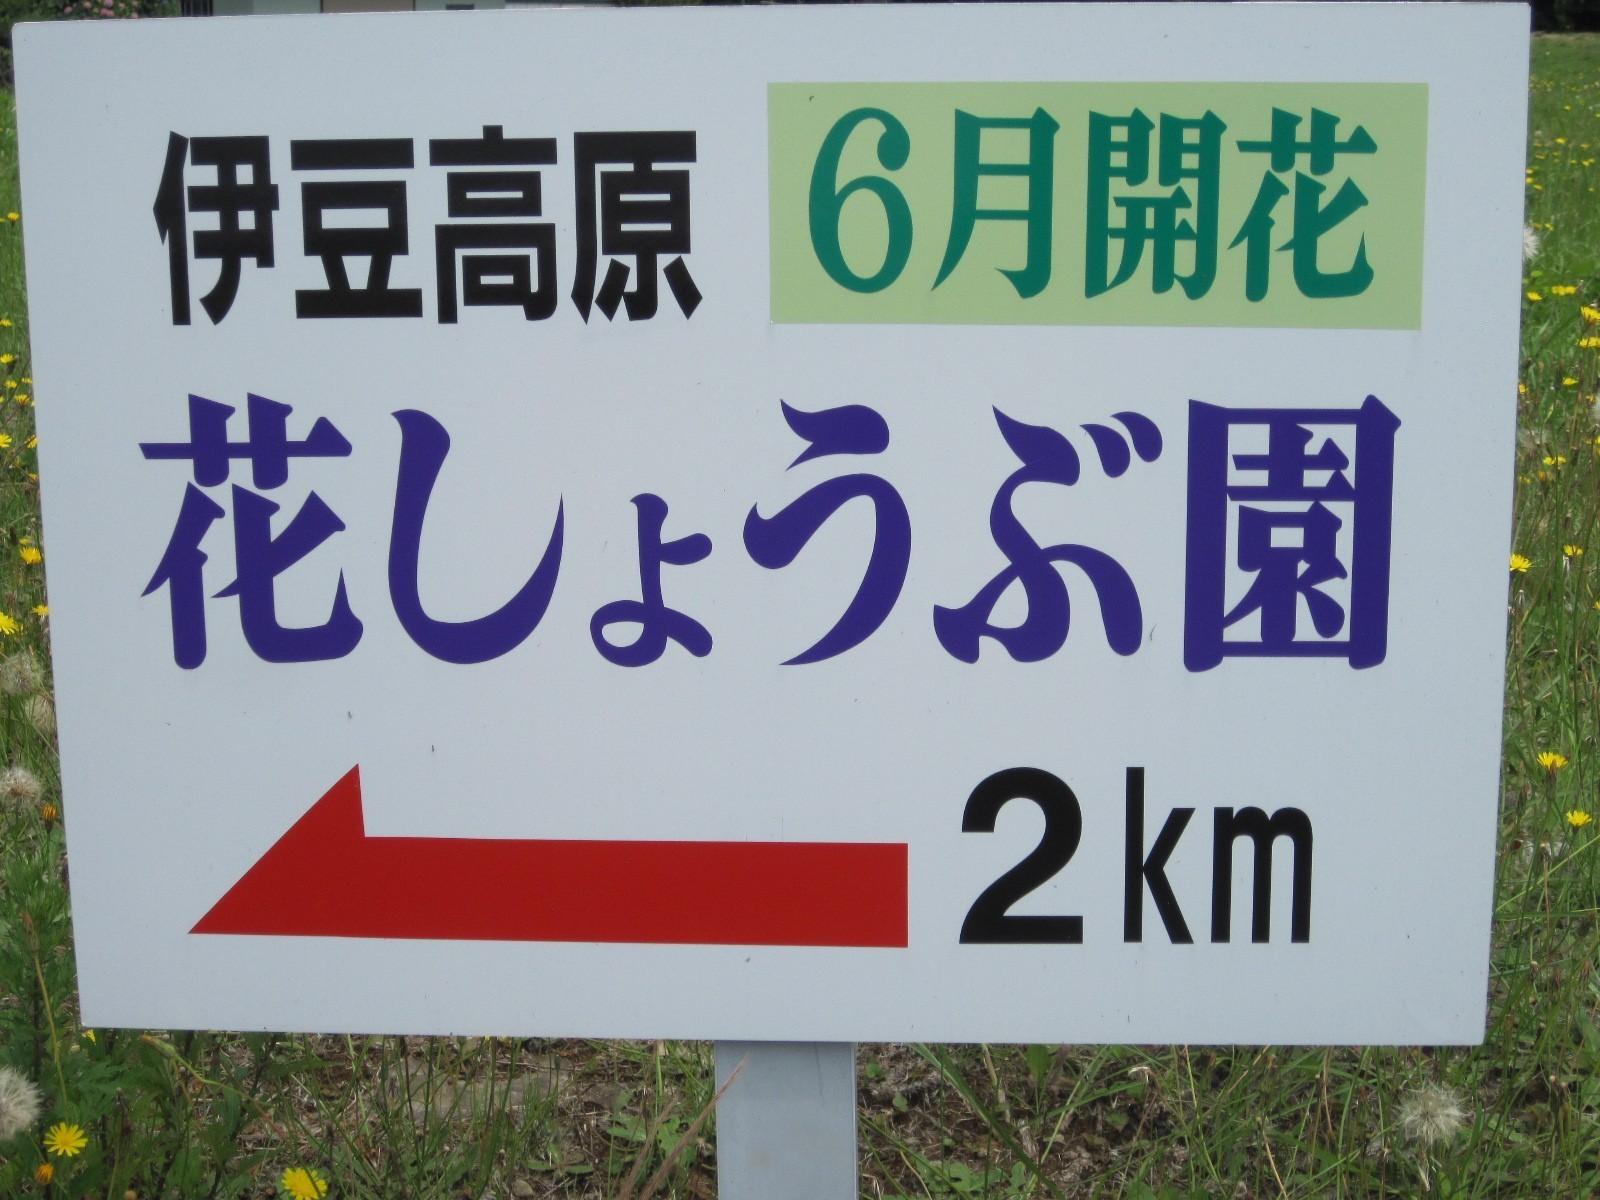 http://magaret.jp/mt_img/%E8%8A%B1%E3%81%97%E3%82%87%E3%81%86%E3%81%B6%E7%9C%8B%E6%9D%BF.jpg